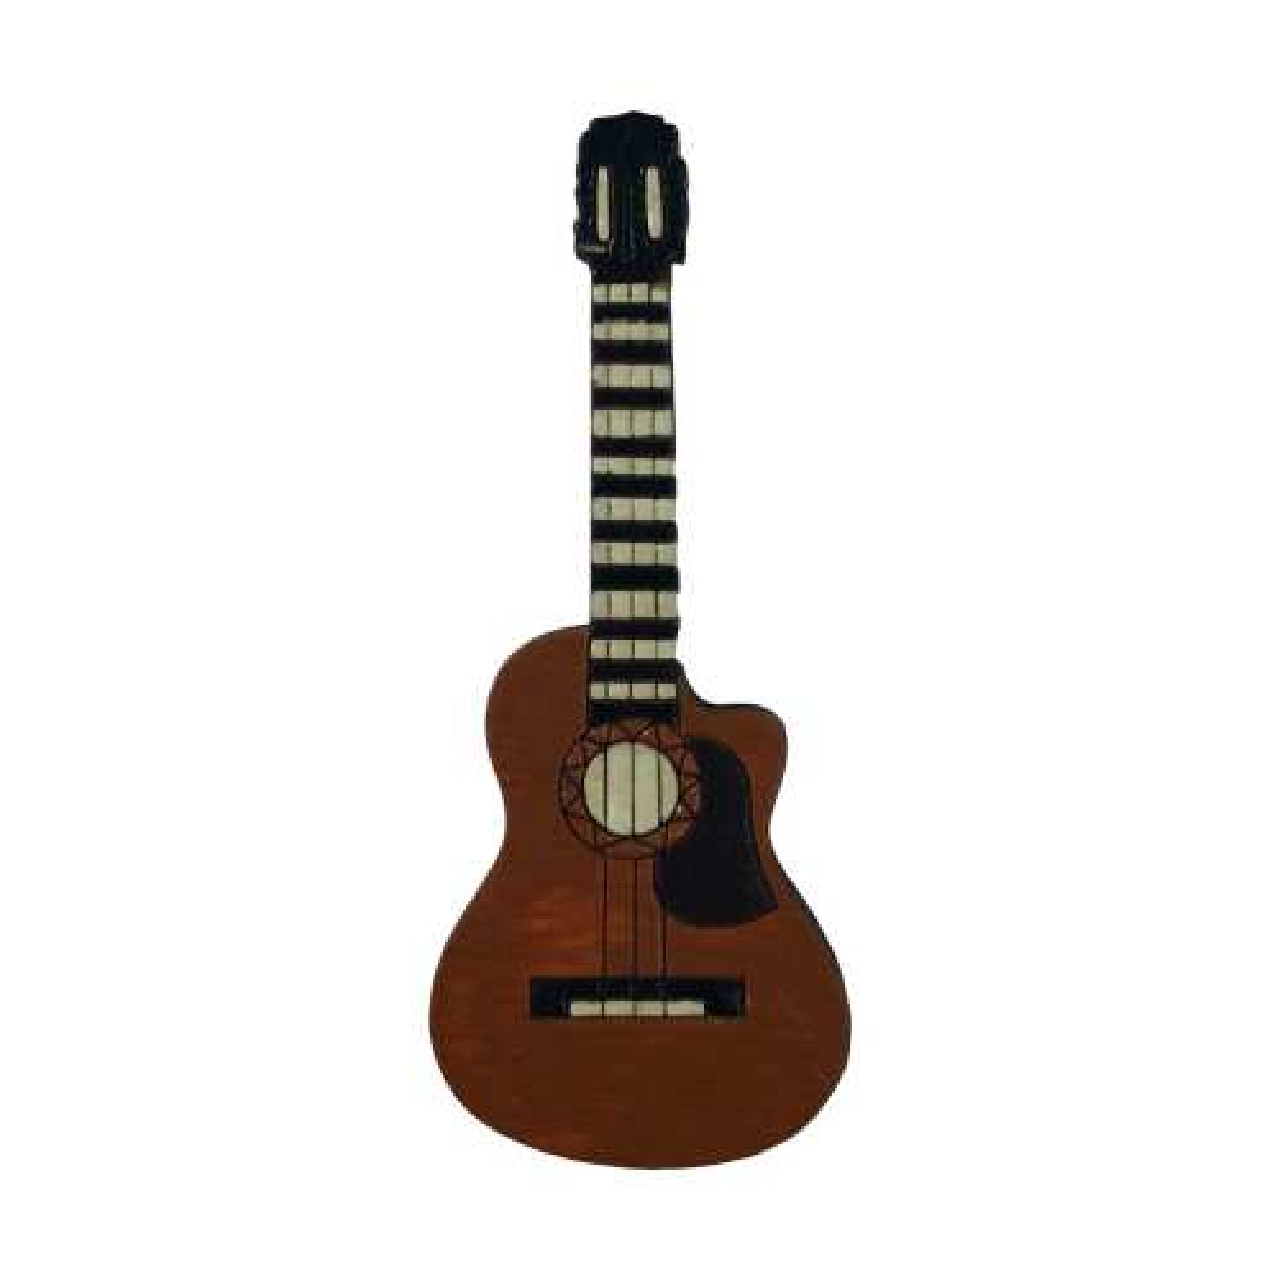 پیکسل چوبی مدل گیتار